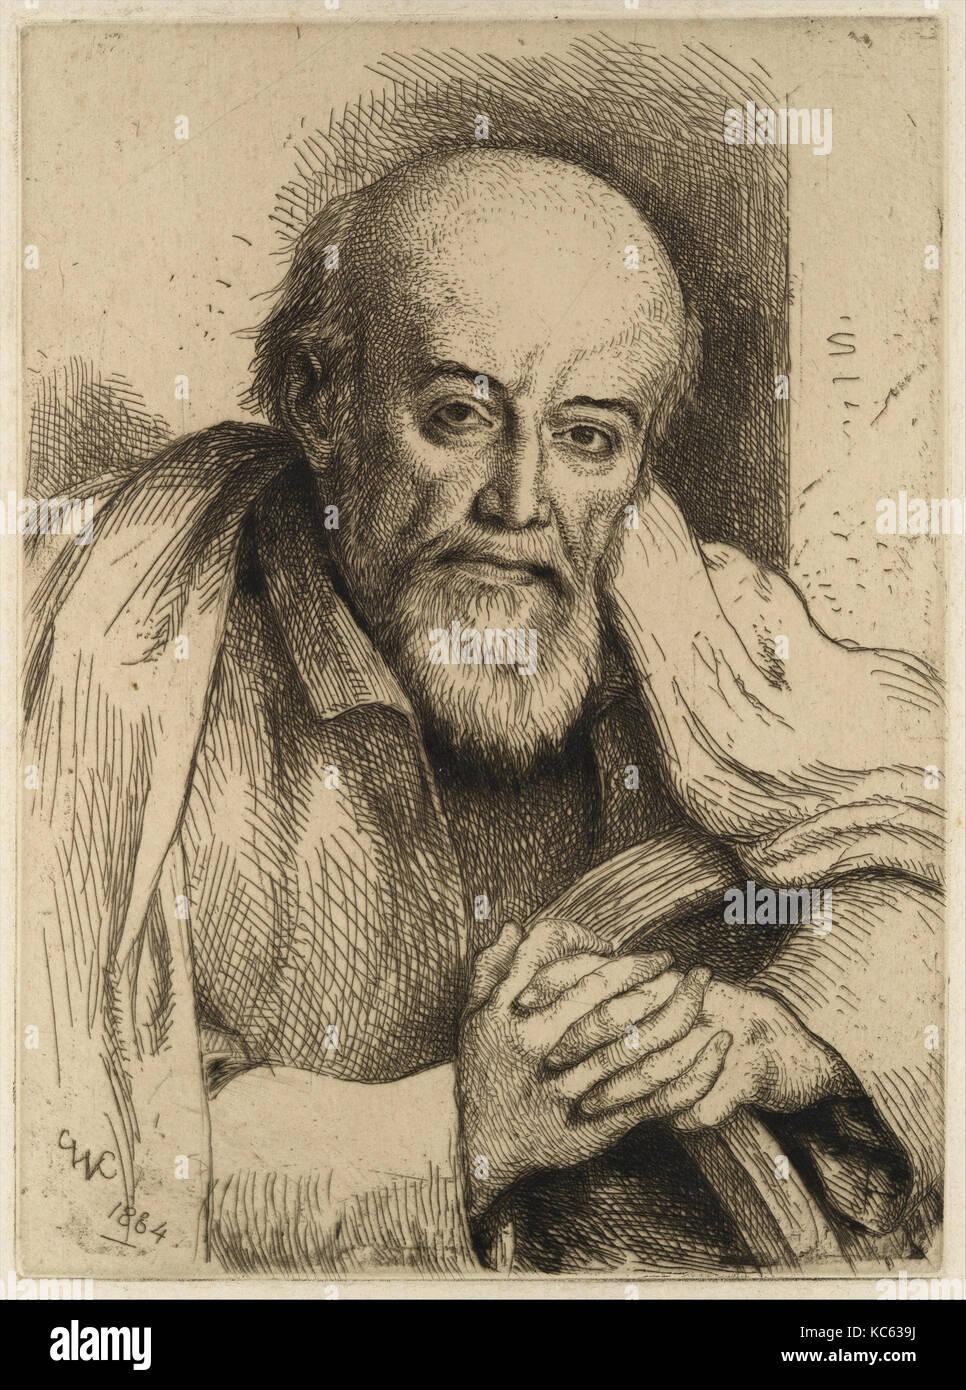 Porträt von Samuel Palmer, 1884, Radierung, Platte: 7 3/4 x 5 11/16 in. (19,7 x 14,5 cm), Drucke, Charles West Stockbild